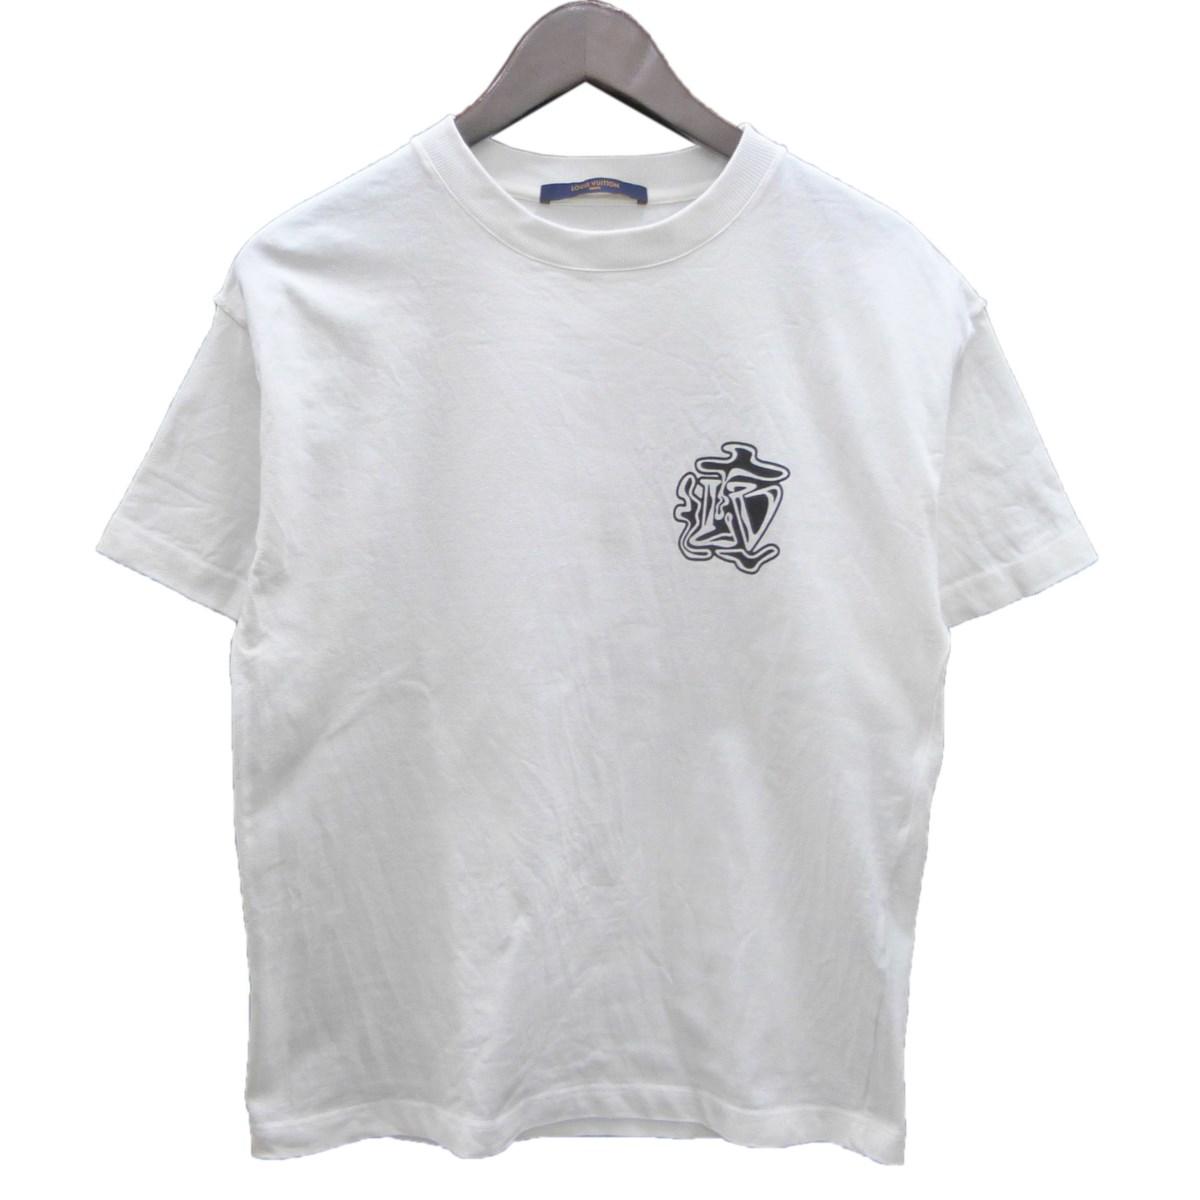 トップス, Tシャツ・カットソー LOUIS VUITTON19AW LVTEE XS 416